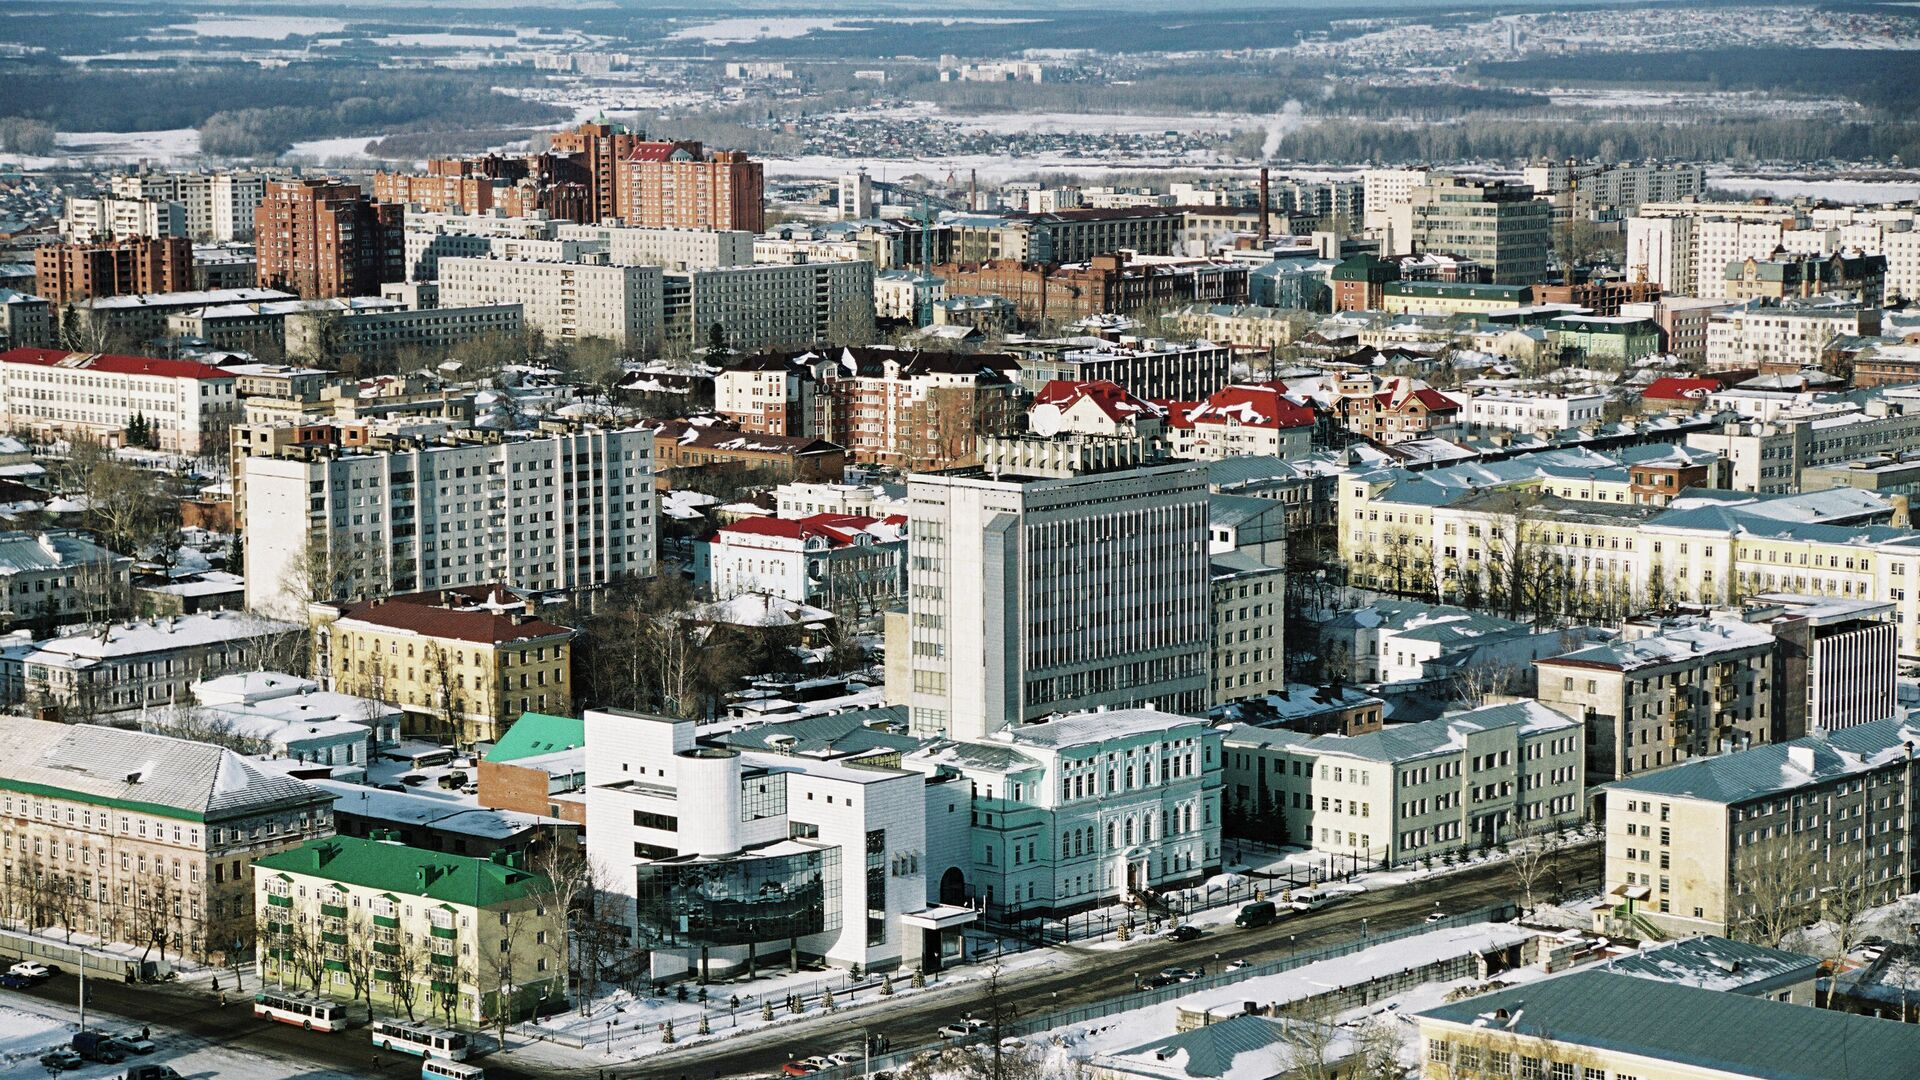 Здание Национального банка Республики Башкортостан в Уфе - РИА Новости, 1920, 02.02.2021